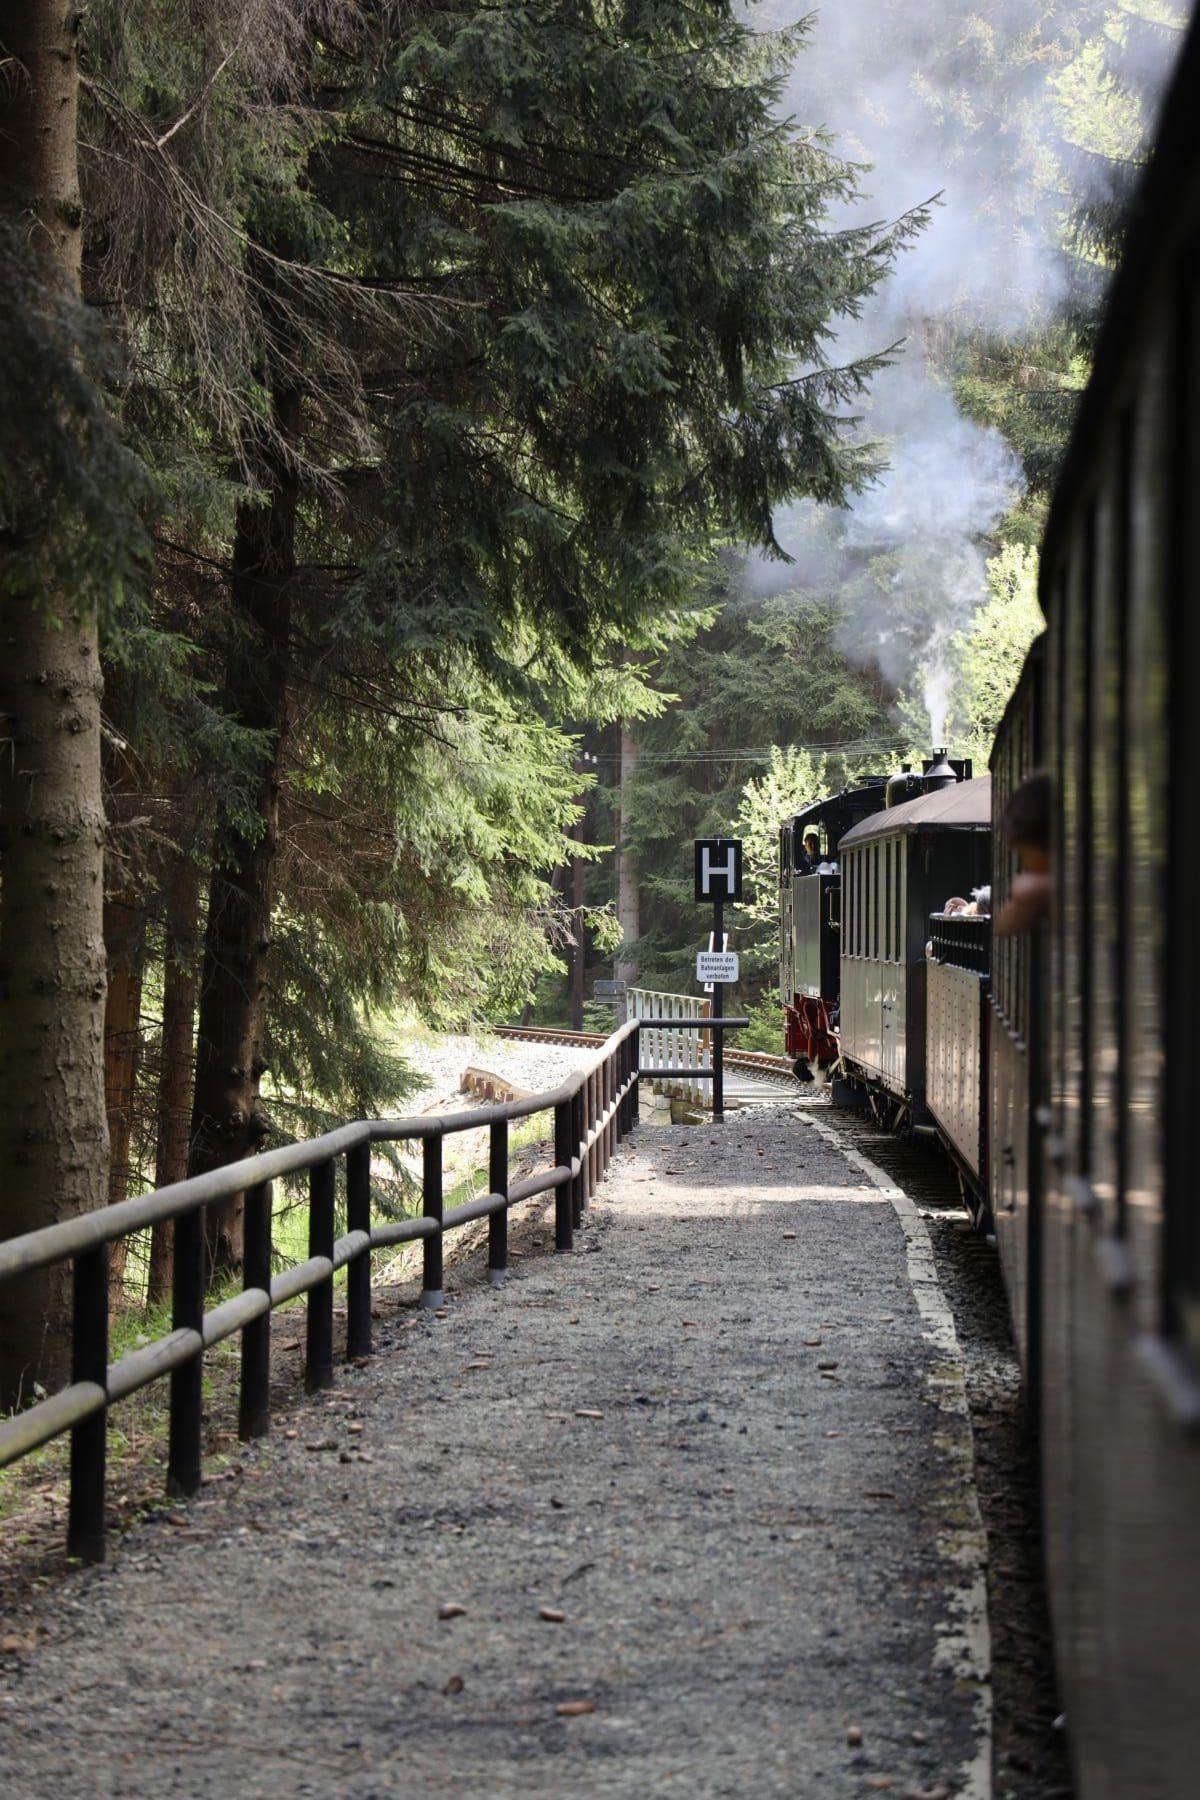 ©Foto: Christian Wodzinski | railmen | Haltepunkt A.-Gegentrum-Stolln – das einzige Schaubergwerk im Erzgebirge mit Schmalspurbahnanschluss